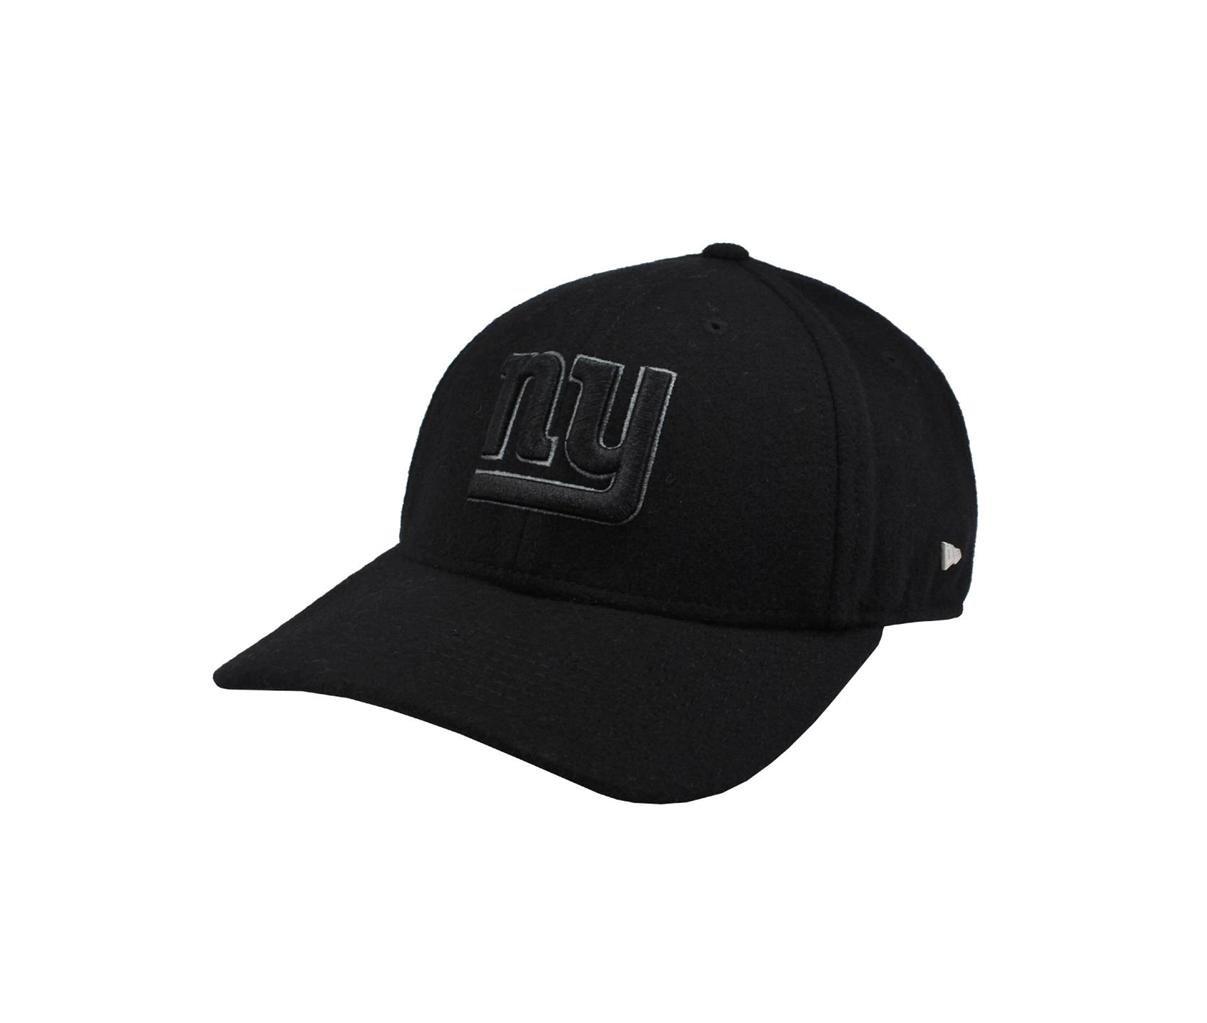 Amazon.com   New Era 49forty NFL New York Giants Hat Ek Nealon 4940 Black  Men Football Cap (S)   Sports   Outdoors 0576b1a48b6